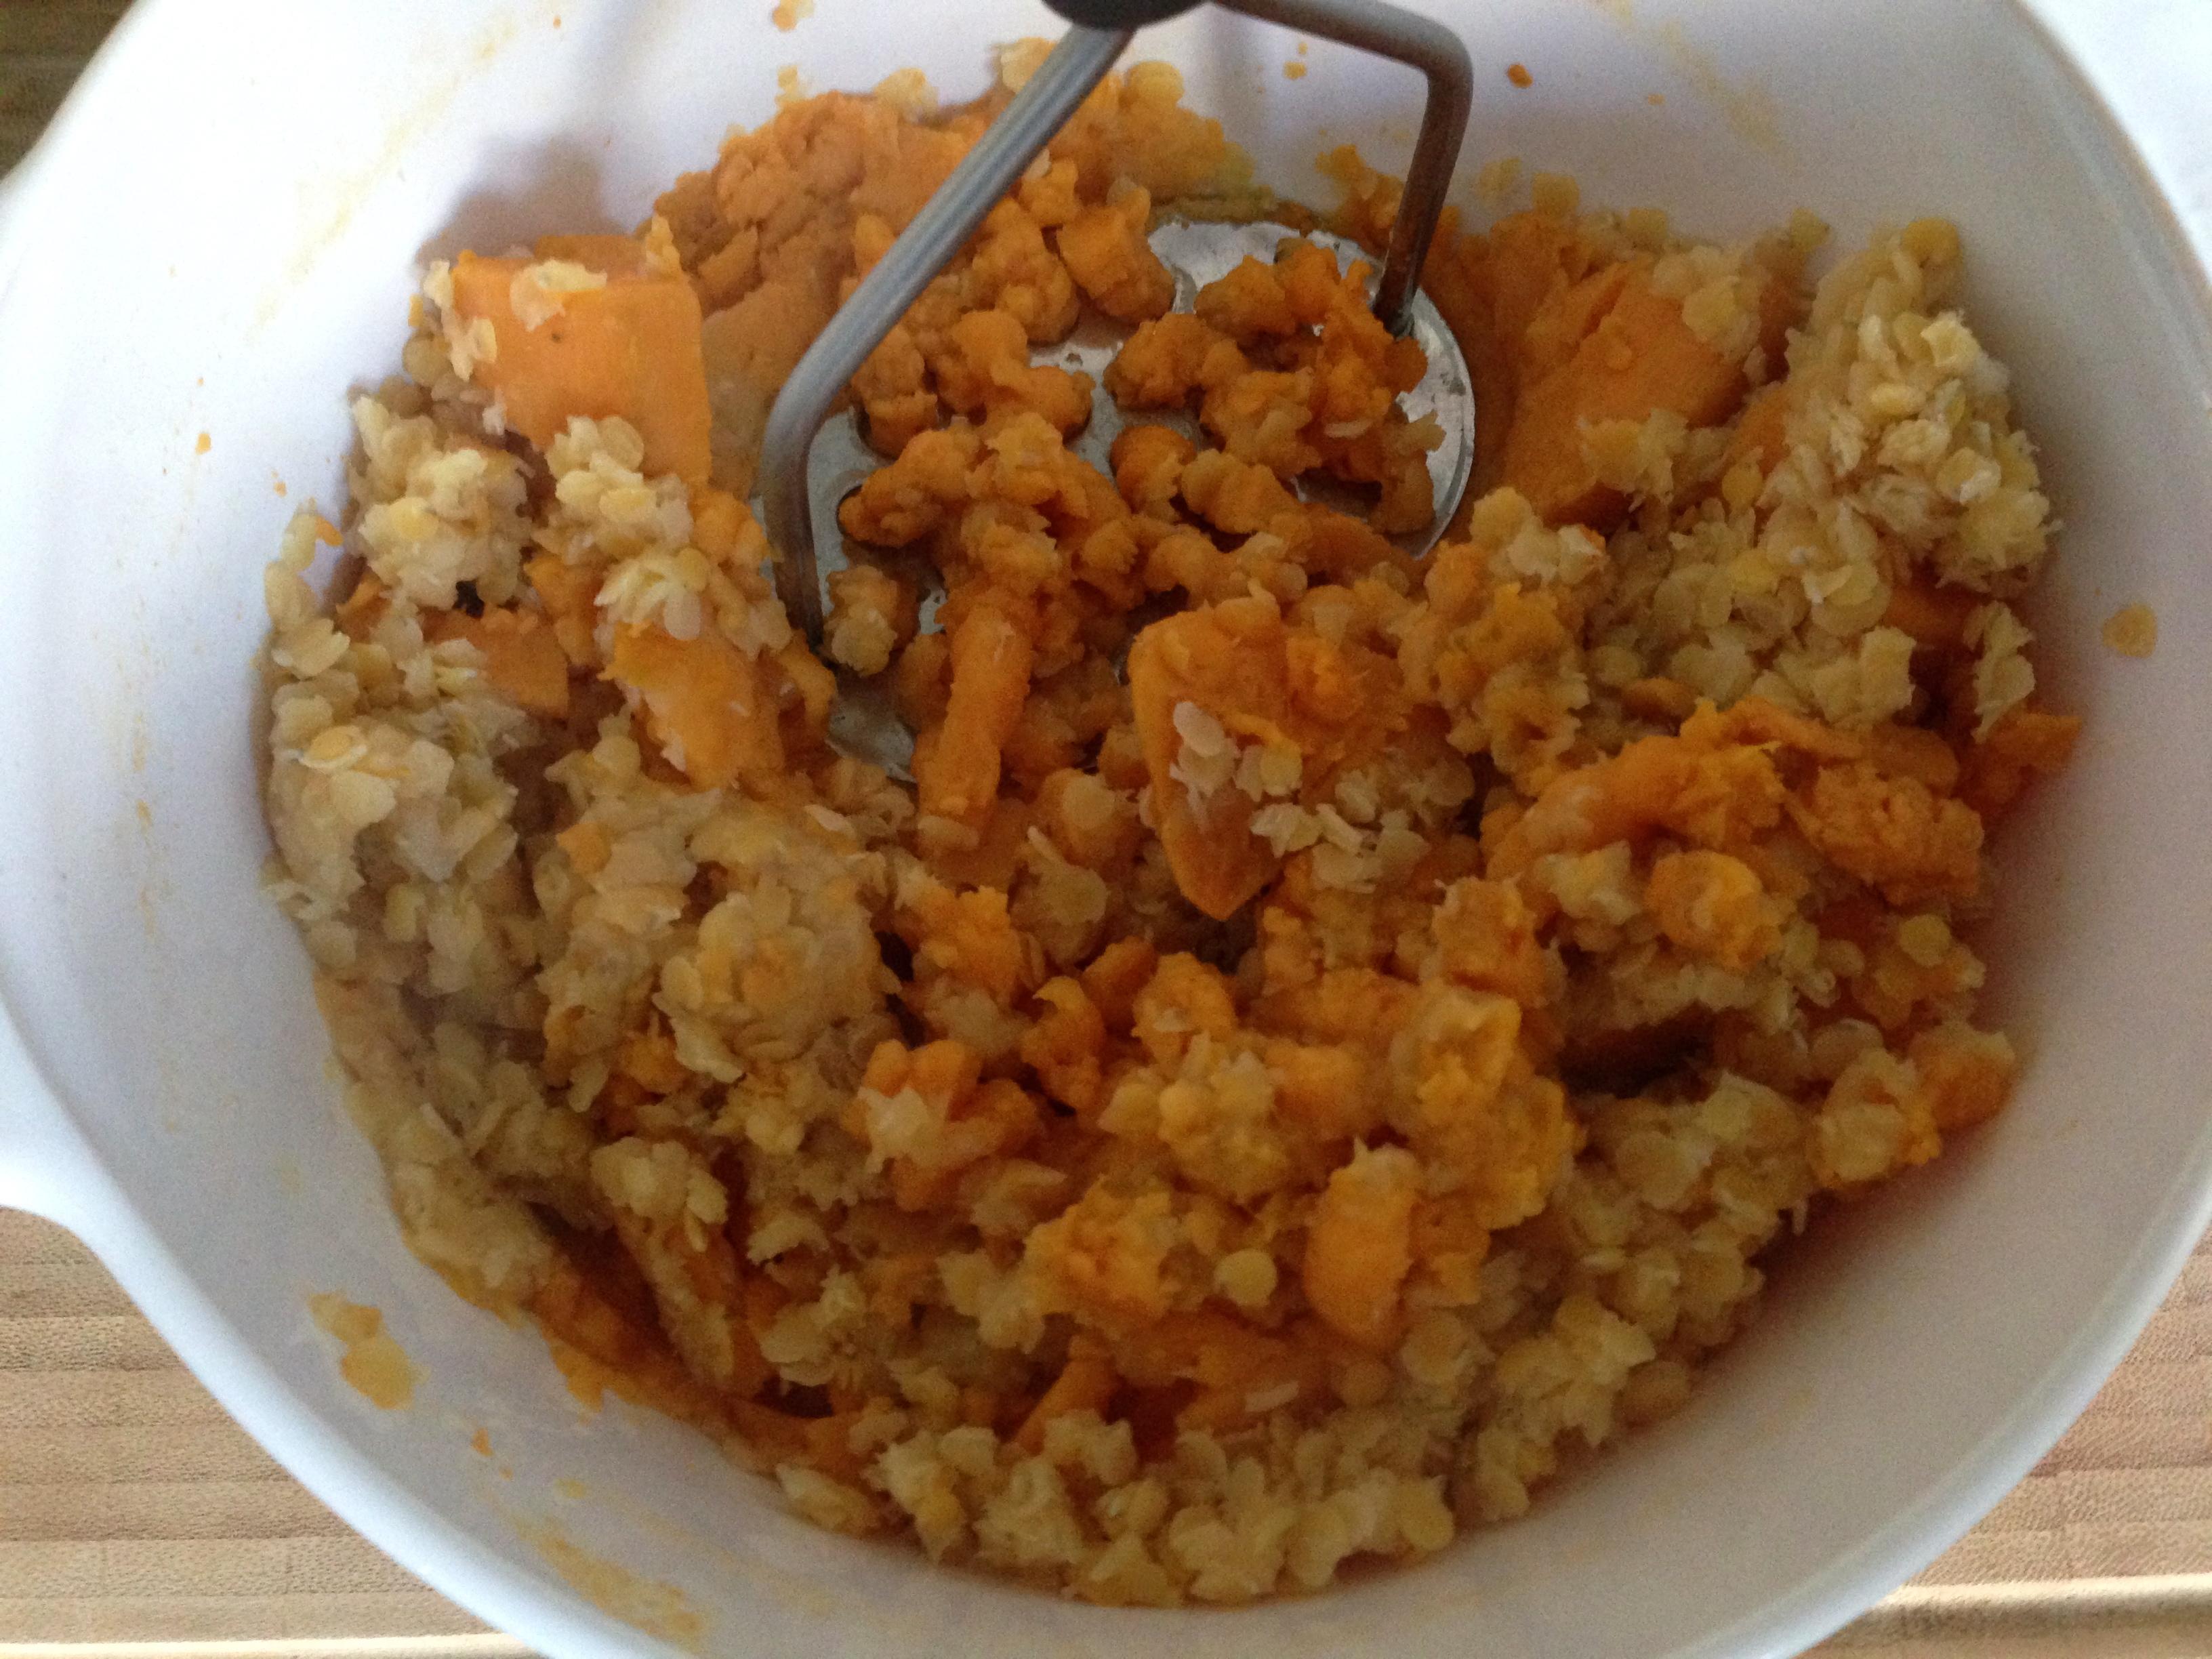 Galettes de patate douce et lentilles corail my cooking - Quand recolter les patates douces ...